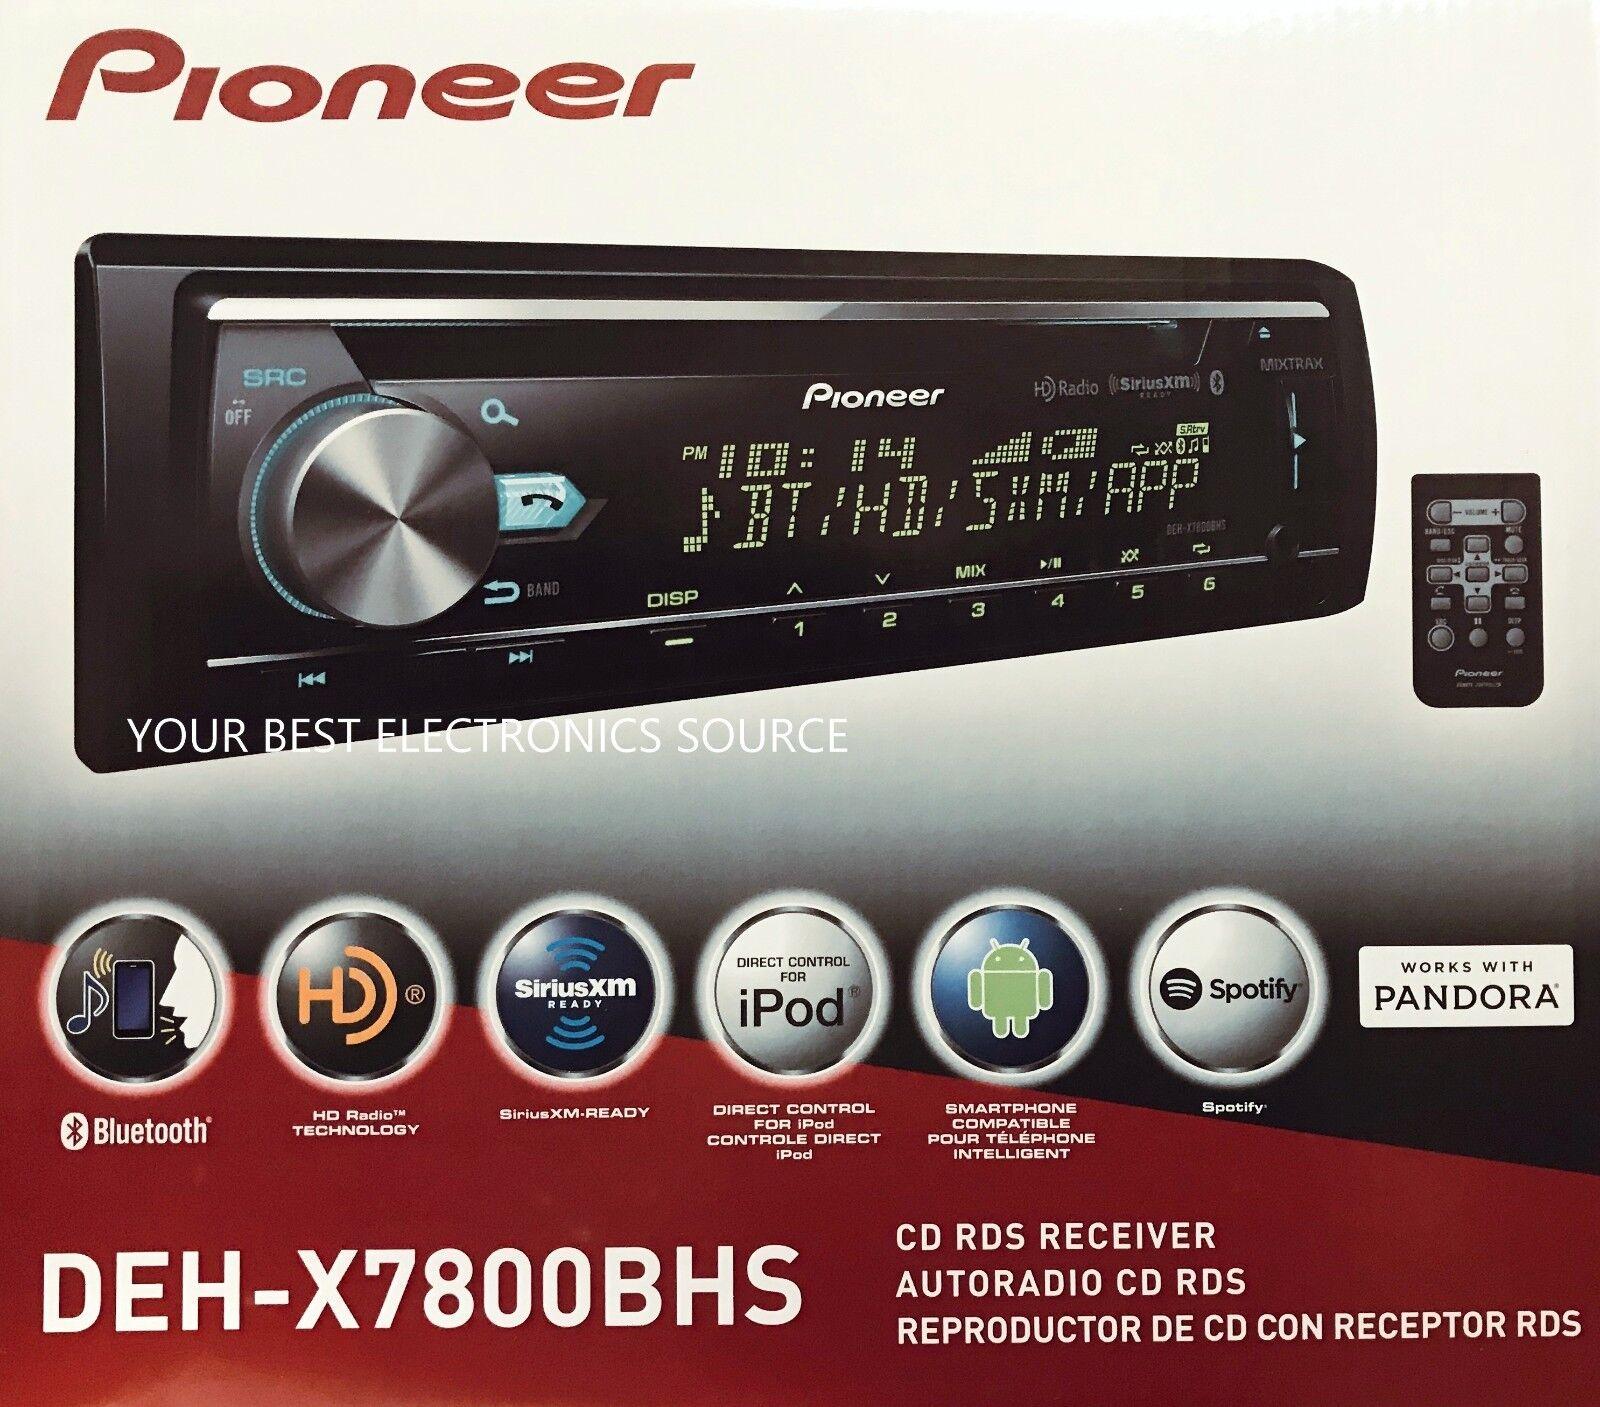 $118.79 - NEW Pioneer DEH-X7800BHS Single DIN In-Dash CD/AM/FM w/ Bluetooth & HD Radio